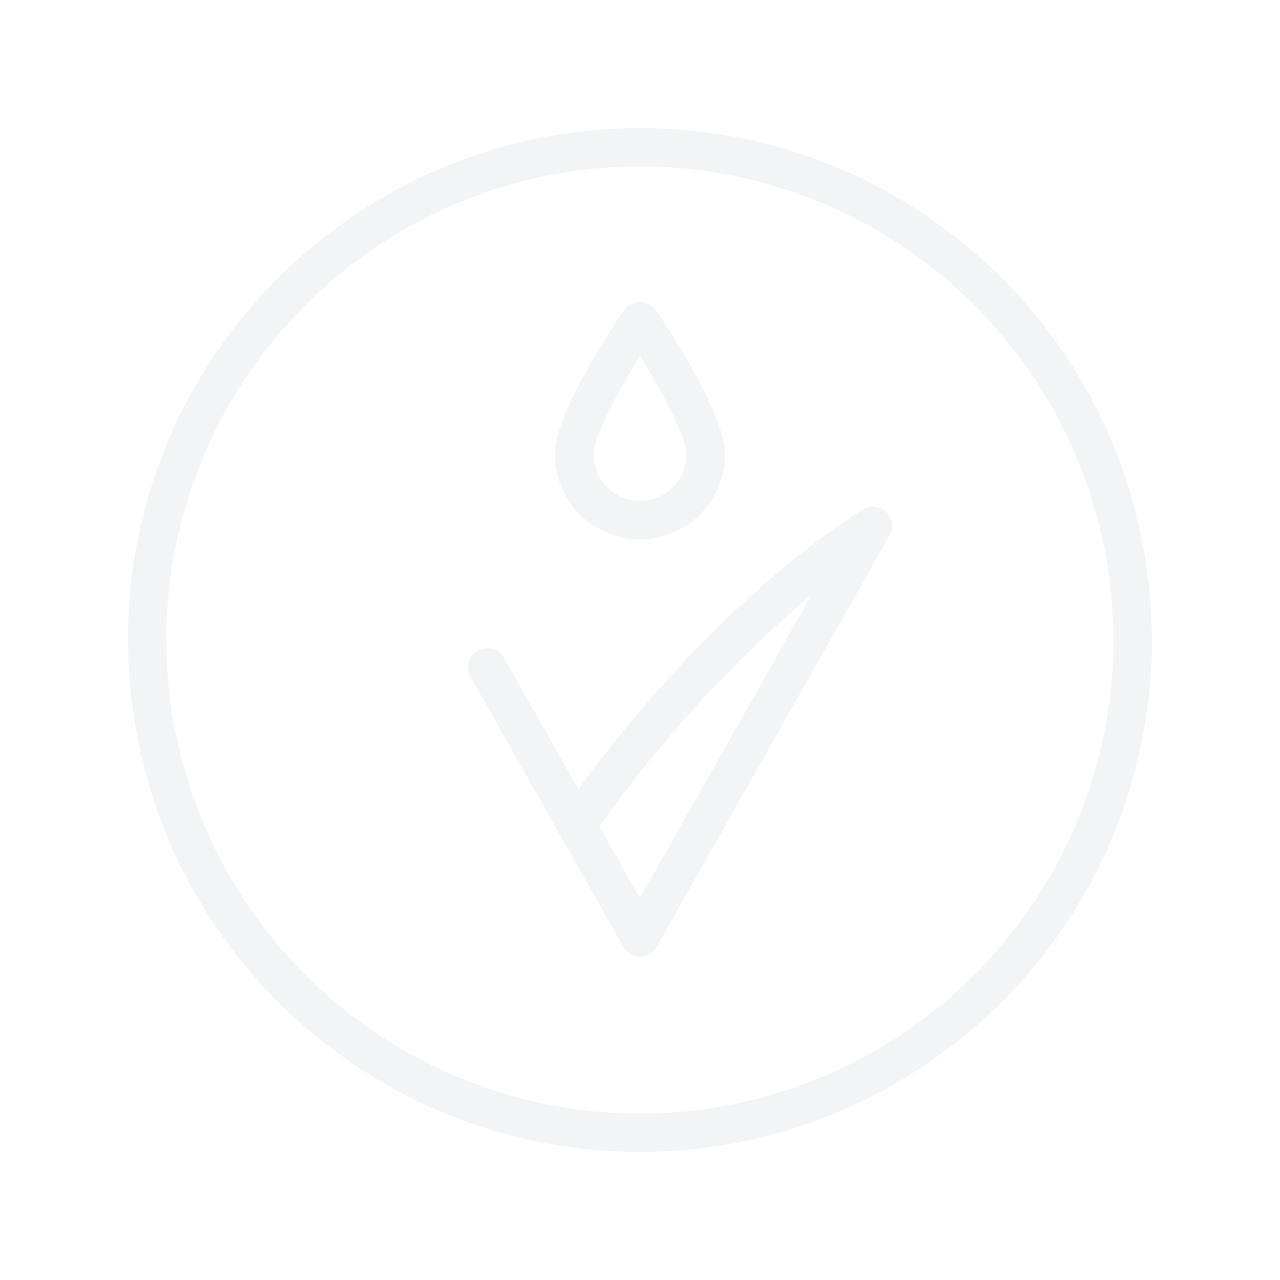 IDUN Minerals Pressed Finishing Powder Ljuvlig (Light Neutral) 3.5g